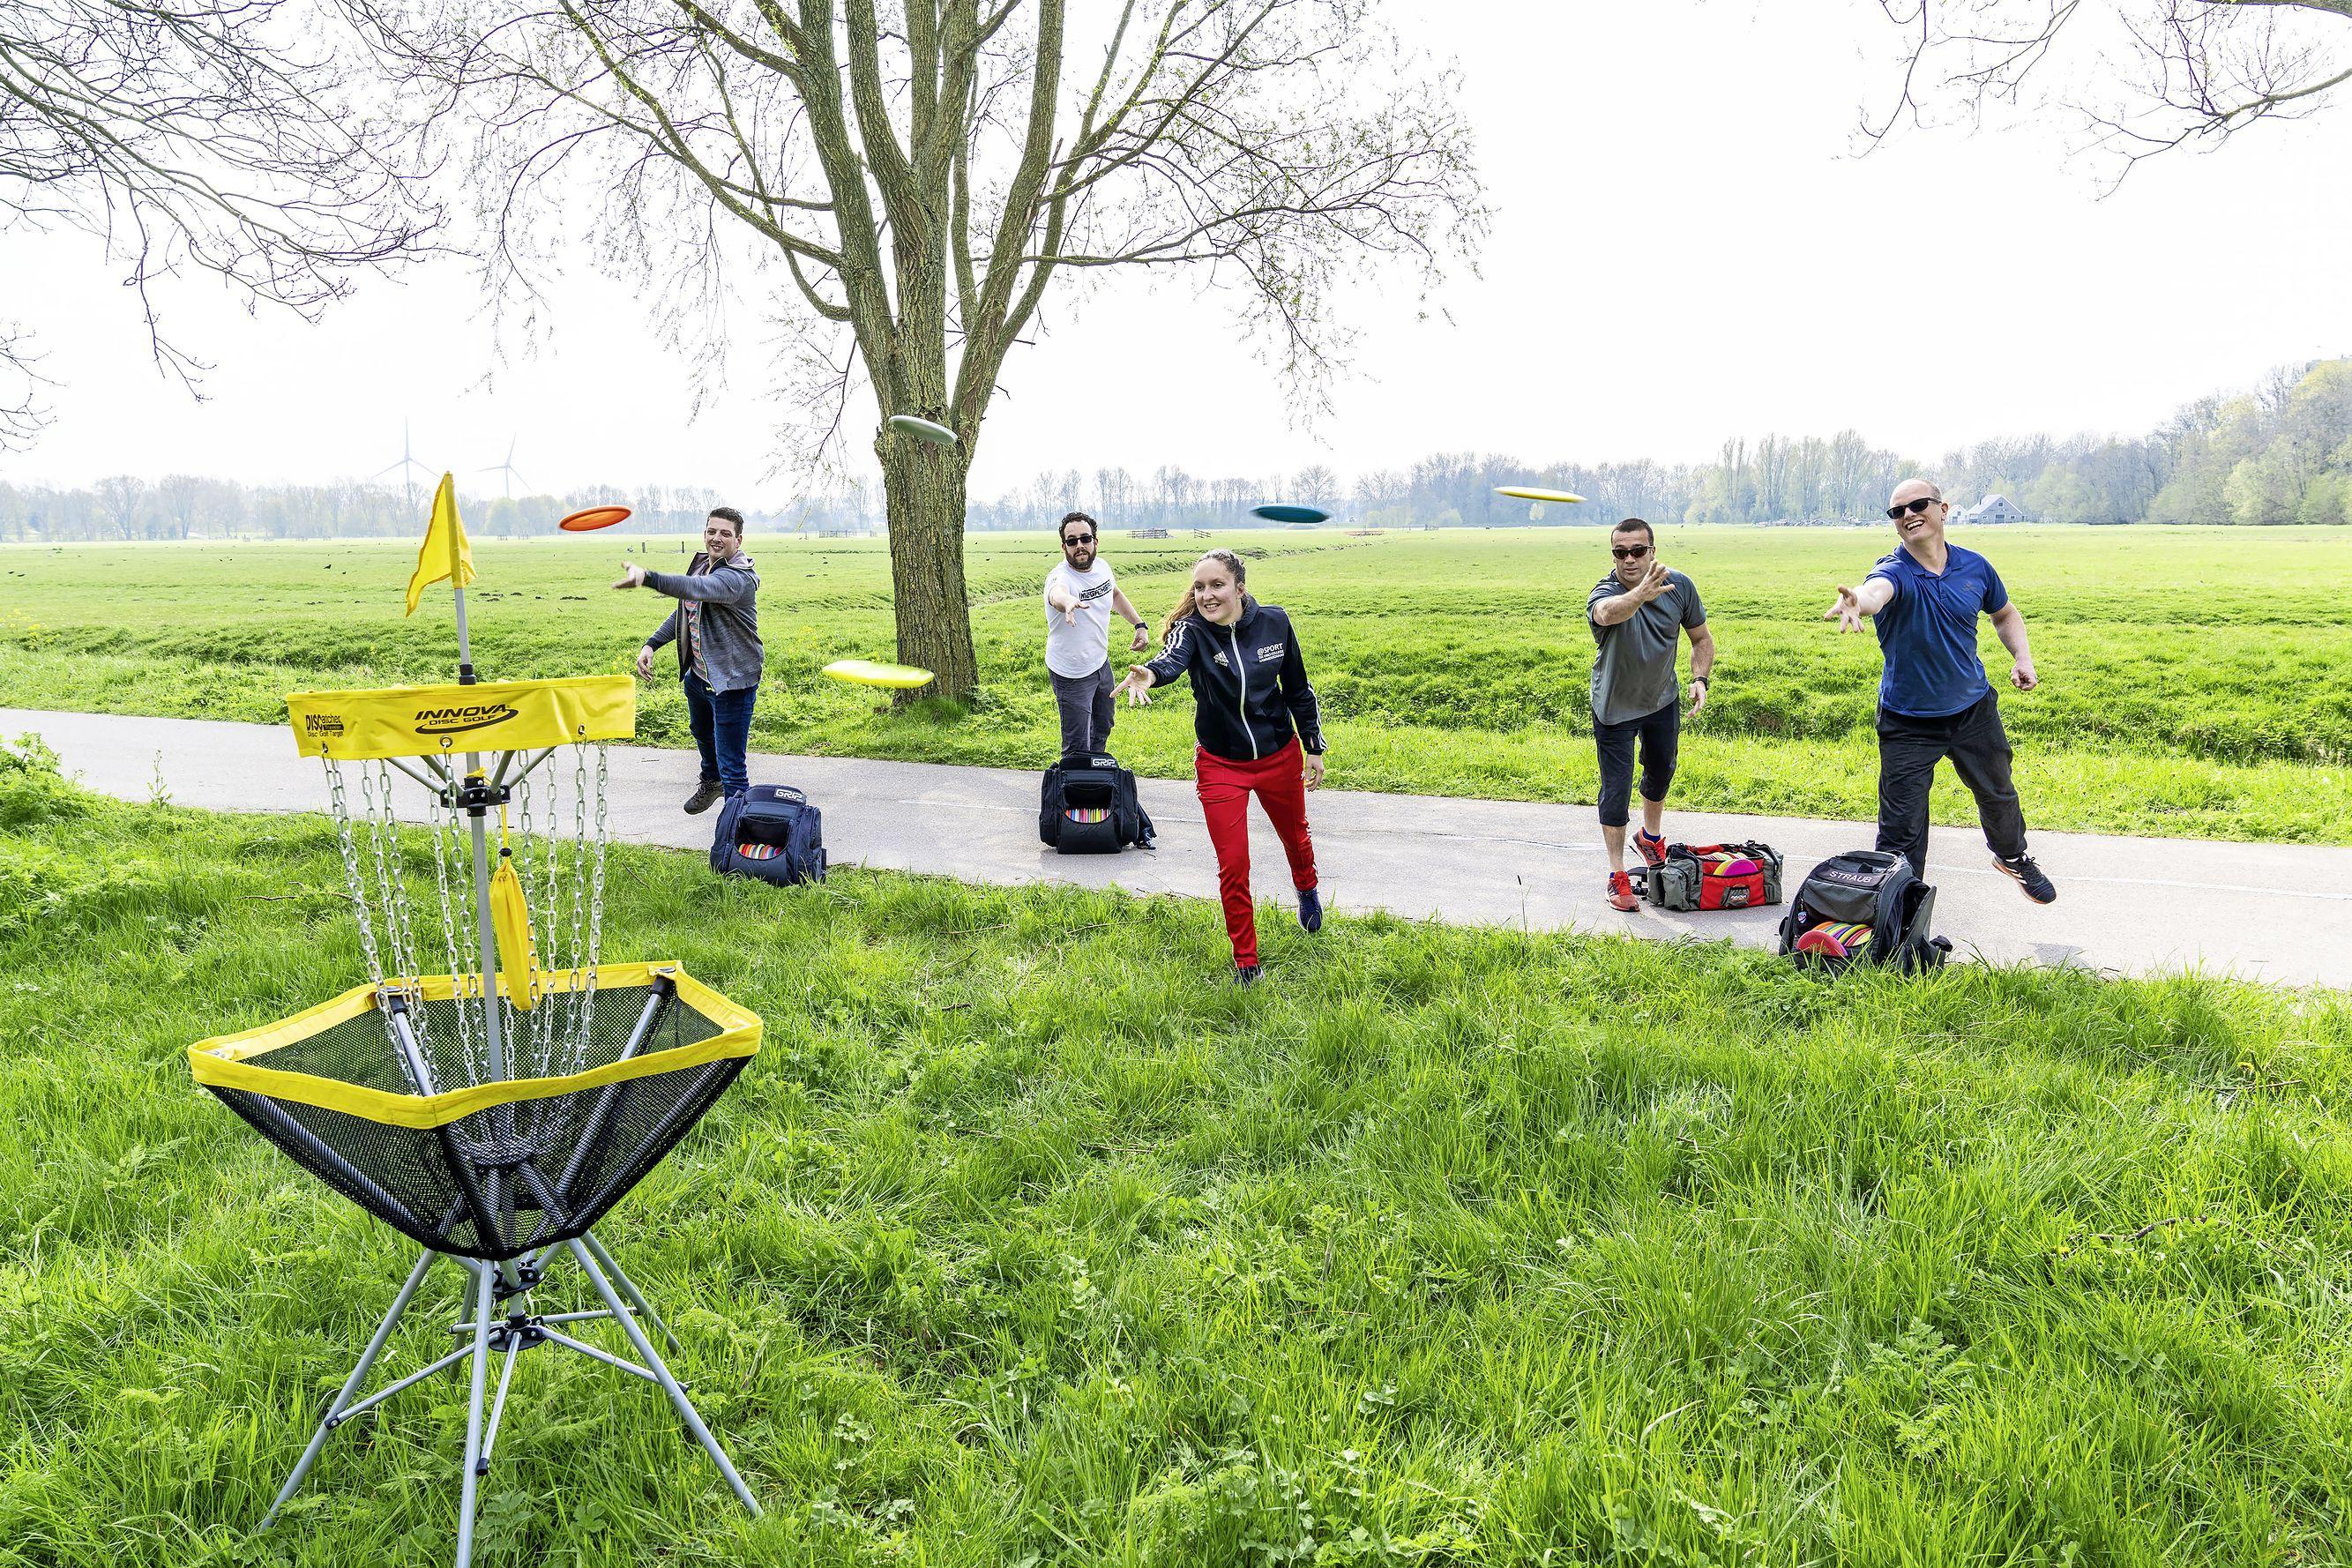 Verzet tegen komst discgolfbaan in Leids polderpark Cronesteyn: 'Hoe lelijk wil je het park maken?'